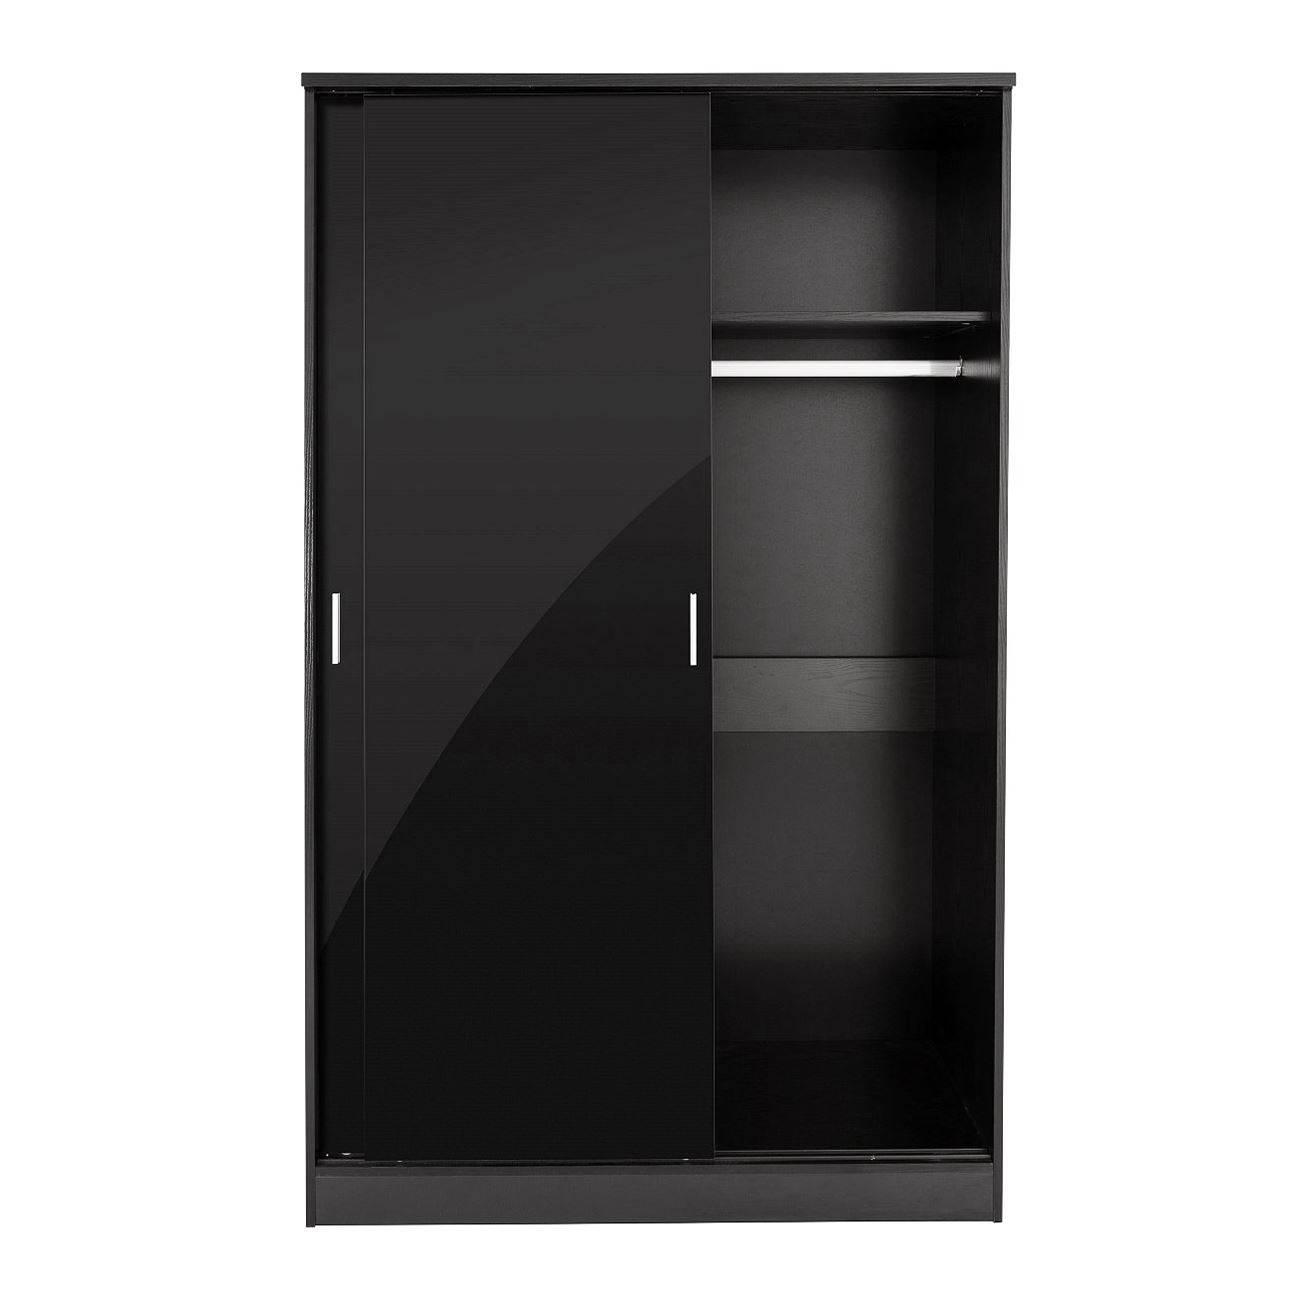 Bedroom Furniture 3 Piece Set Black Gloss Wardrobe Drawer Bedside intended for 3 Door Black Gloss Wardrobes (Image 2 of 15)